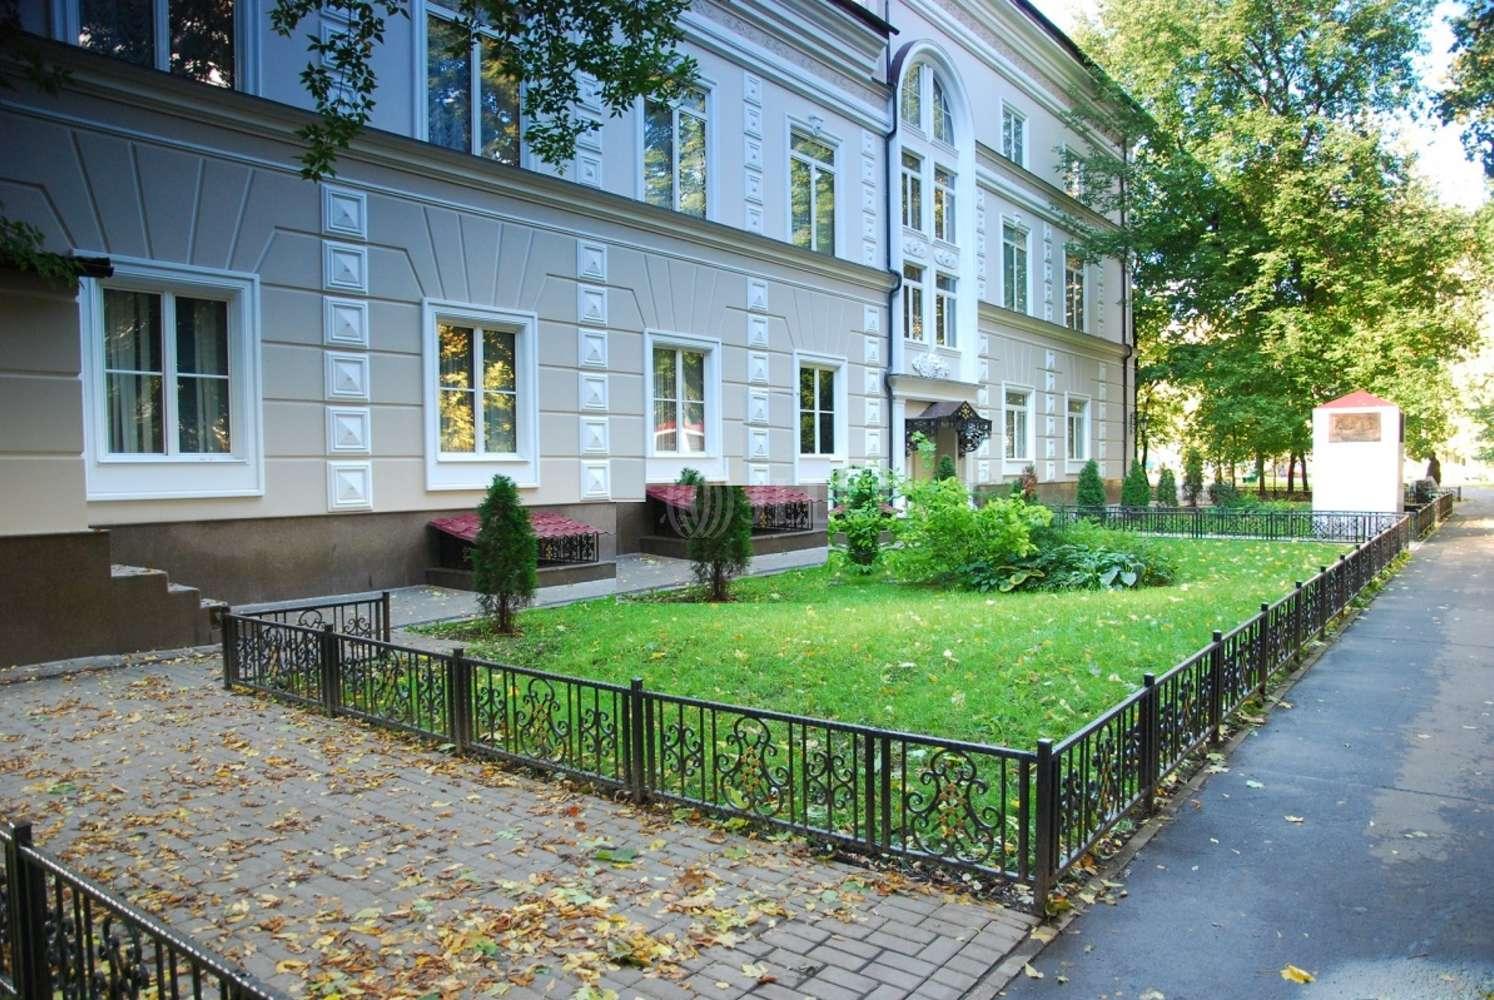 Офисная недвижимость Москва - Делегатская ул. 7 стр. 1